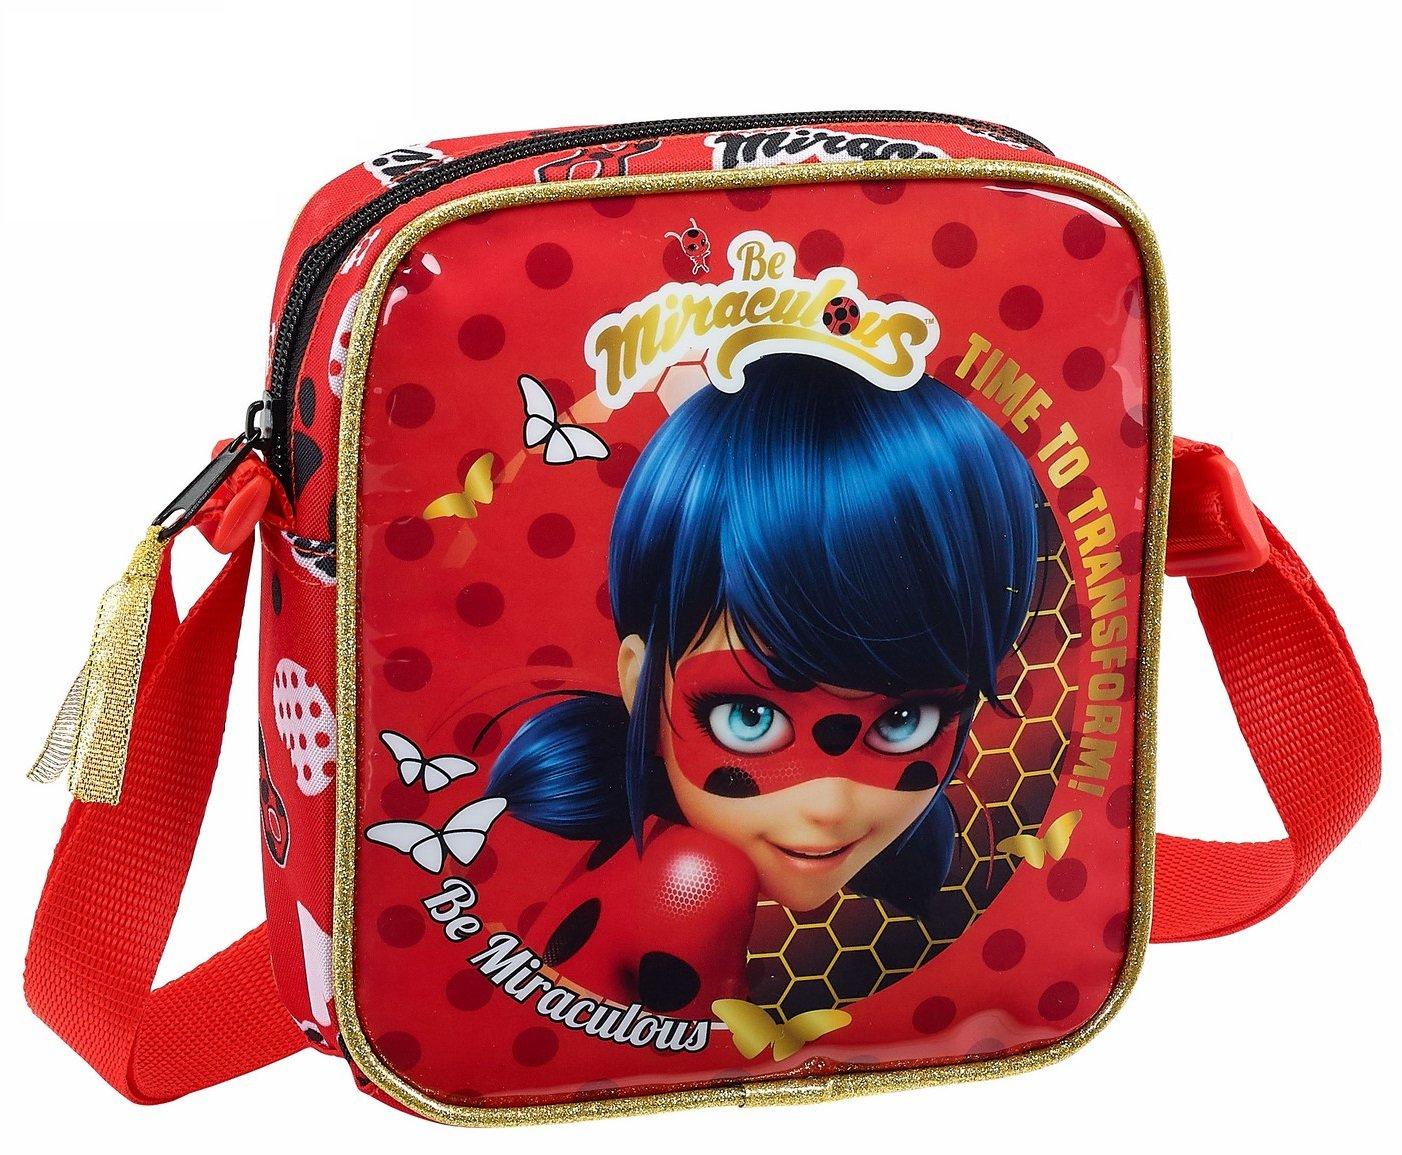 Safta Bandolera Ladybug 'Sparkle' Oficial Bandolera Pequeñ a 160x40x180mm 611802222